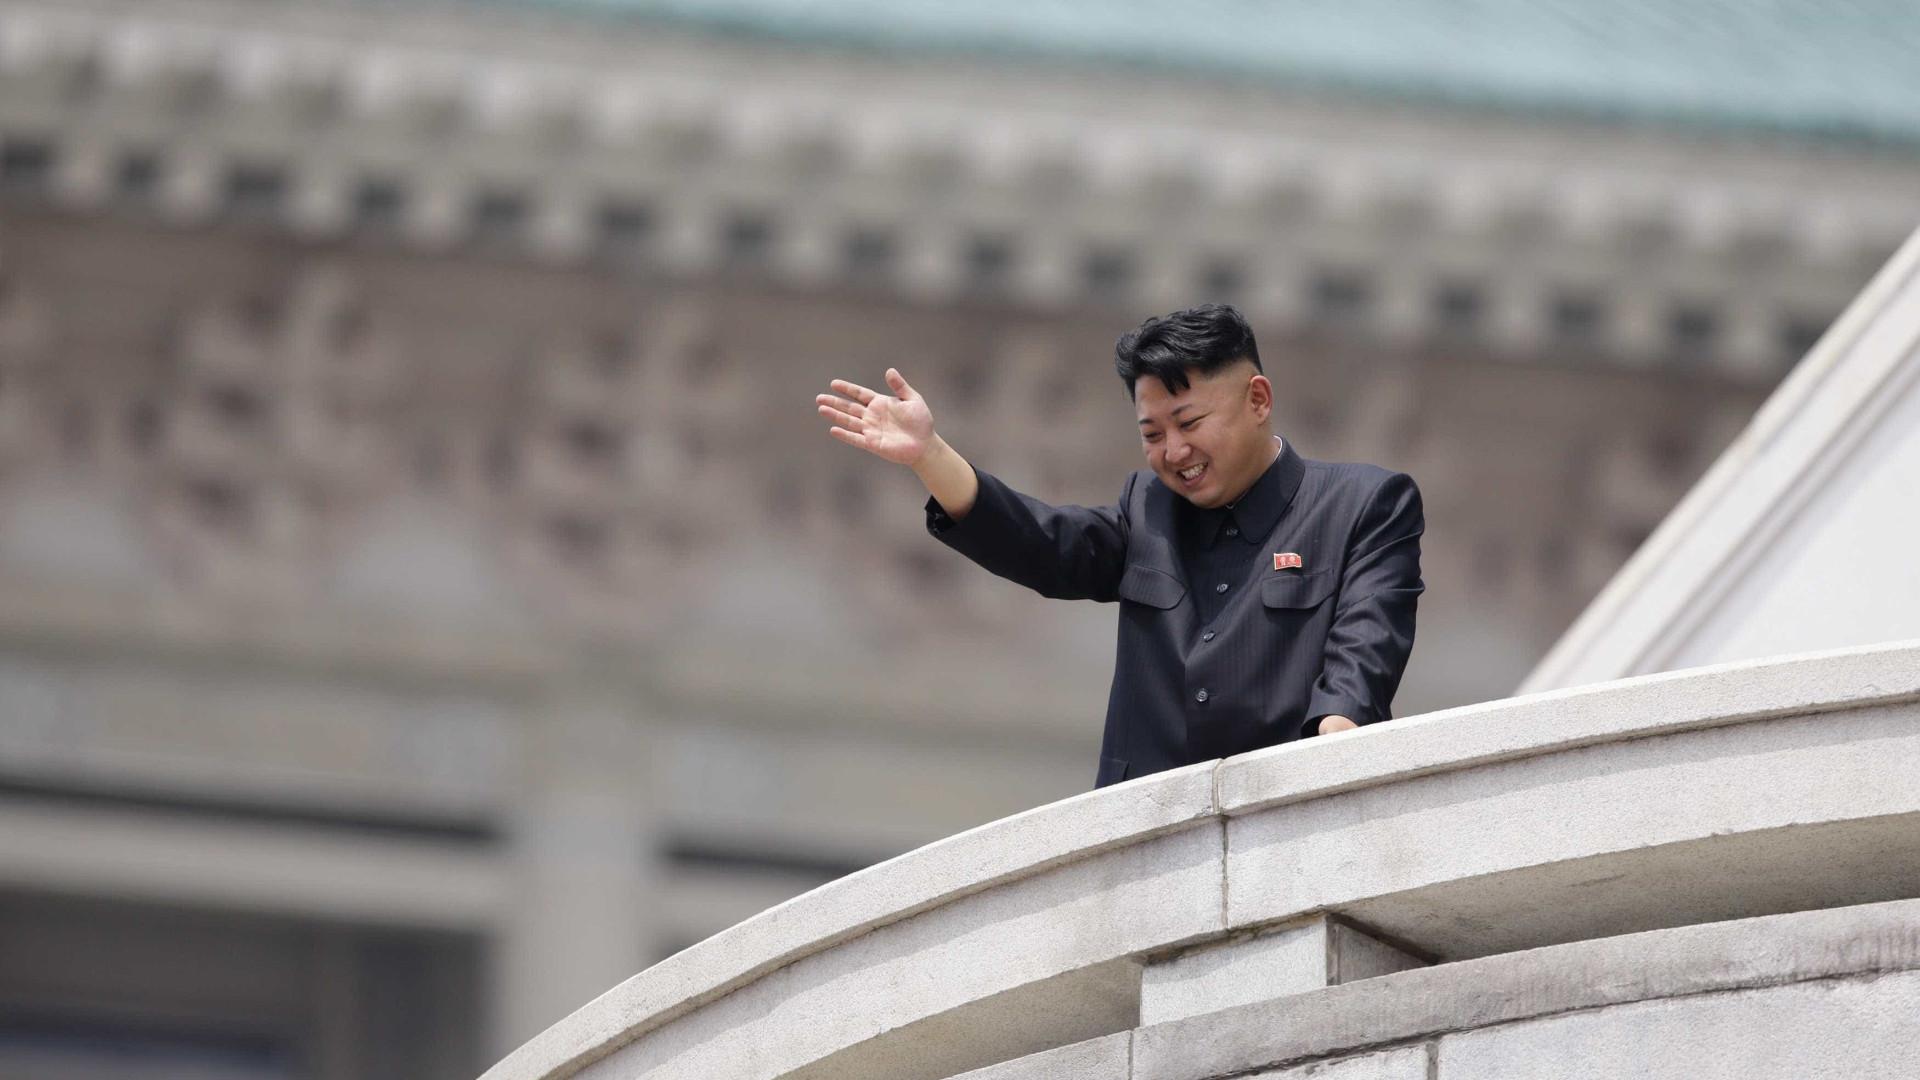 Kim autoriza sul-coreanos em fechamento de centro nuclear